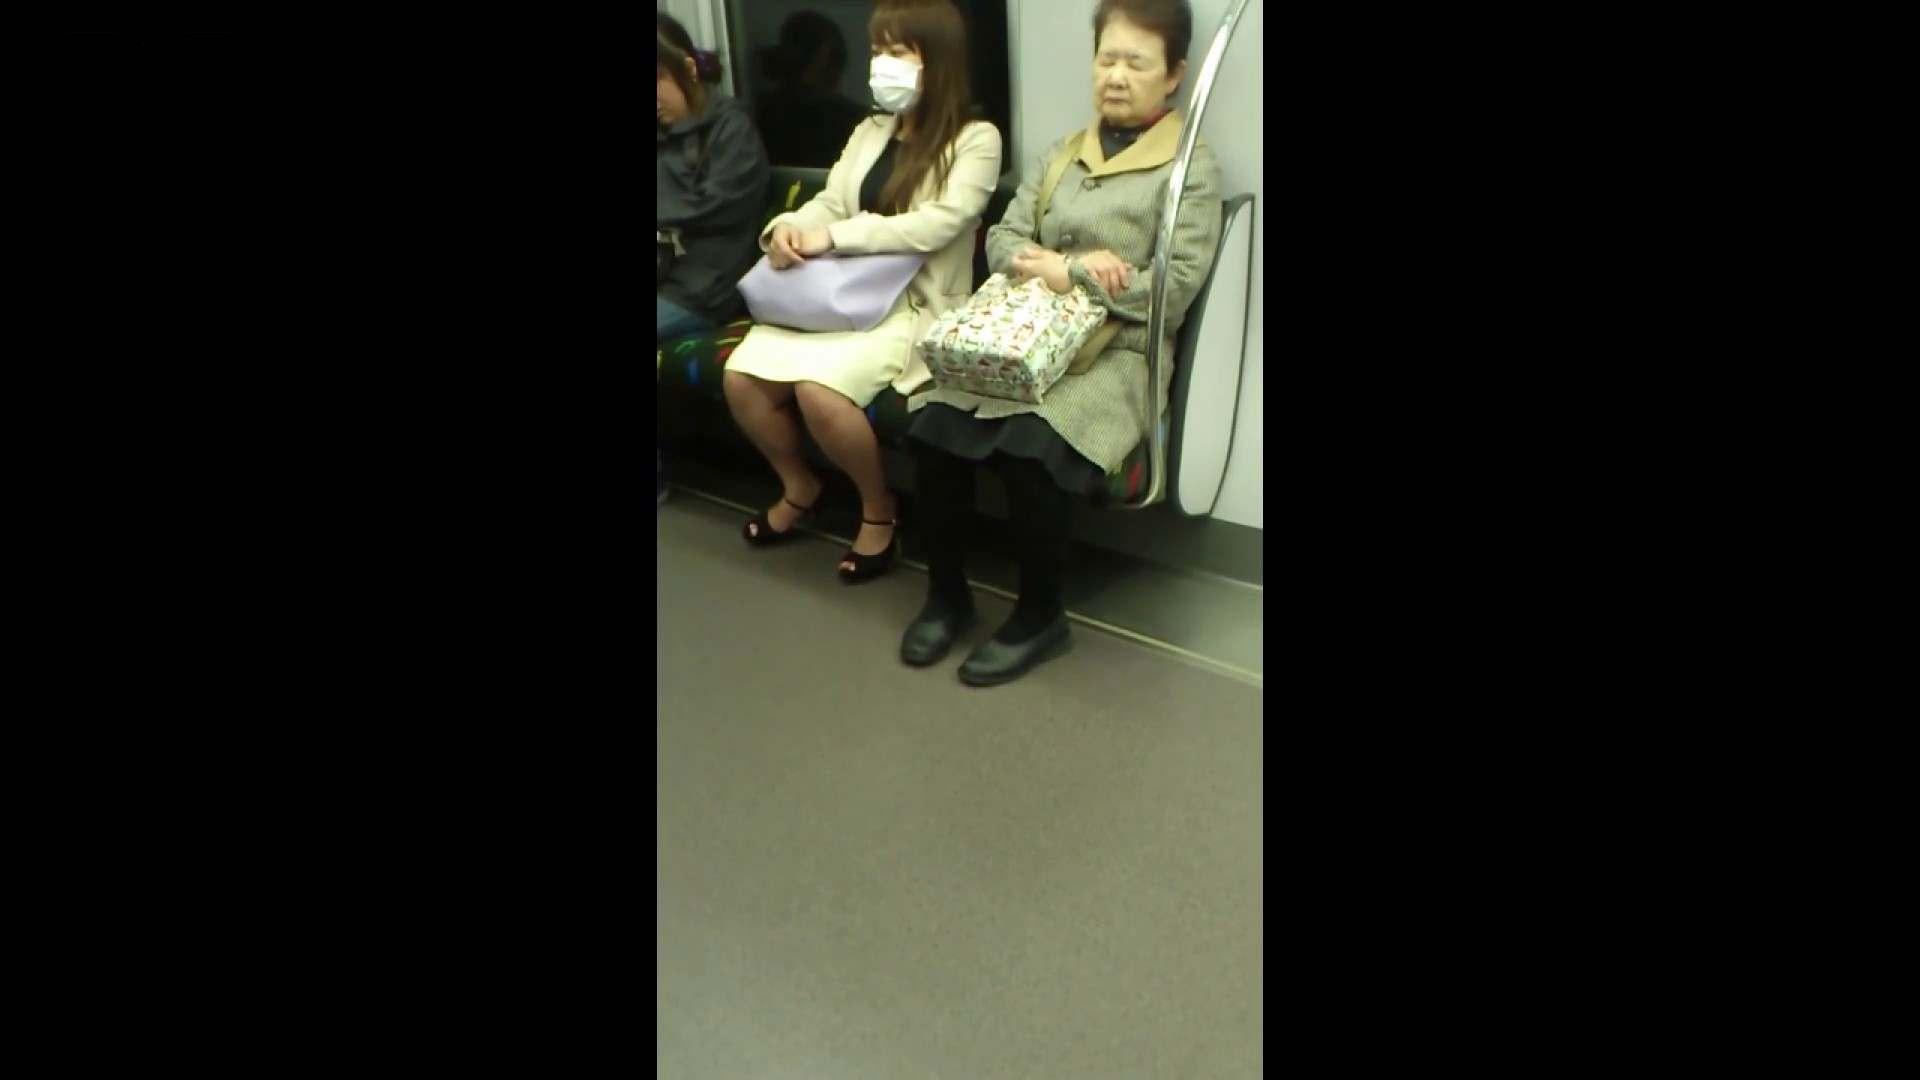 盗撮列車 Vol.55 黄色の爽やかなスカートが大好きです。 盗撮エロすぎ | OL  38連発 35